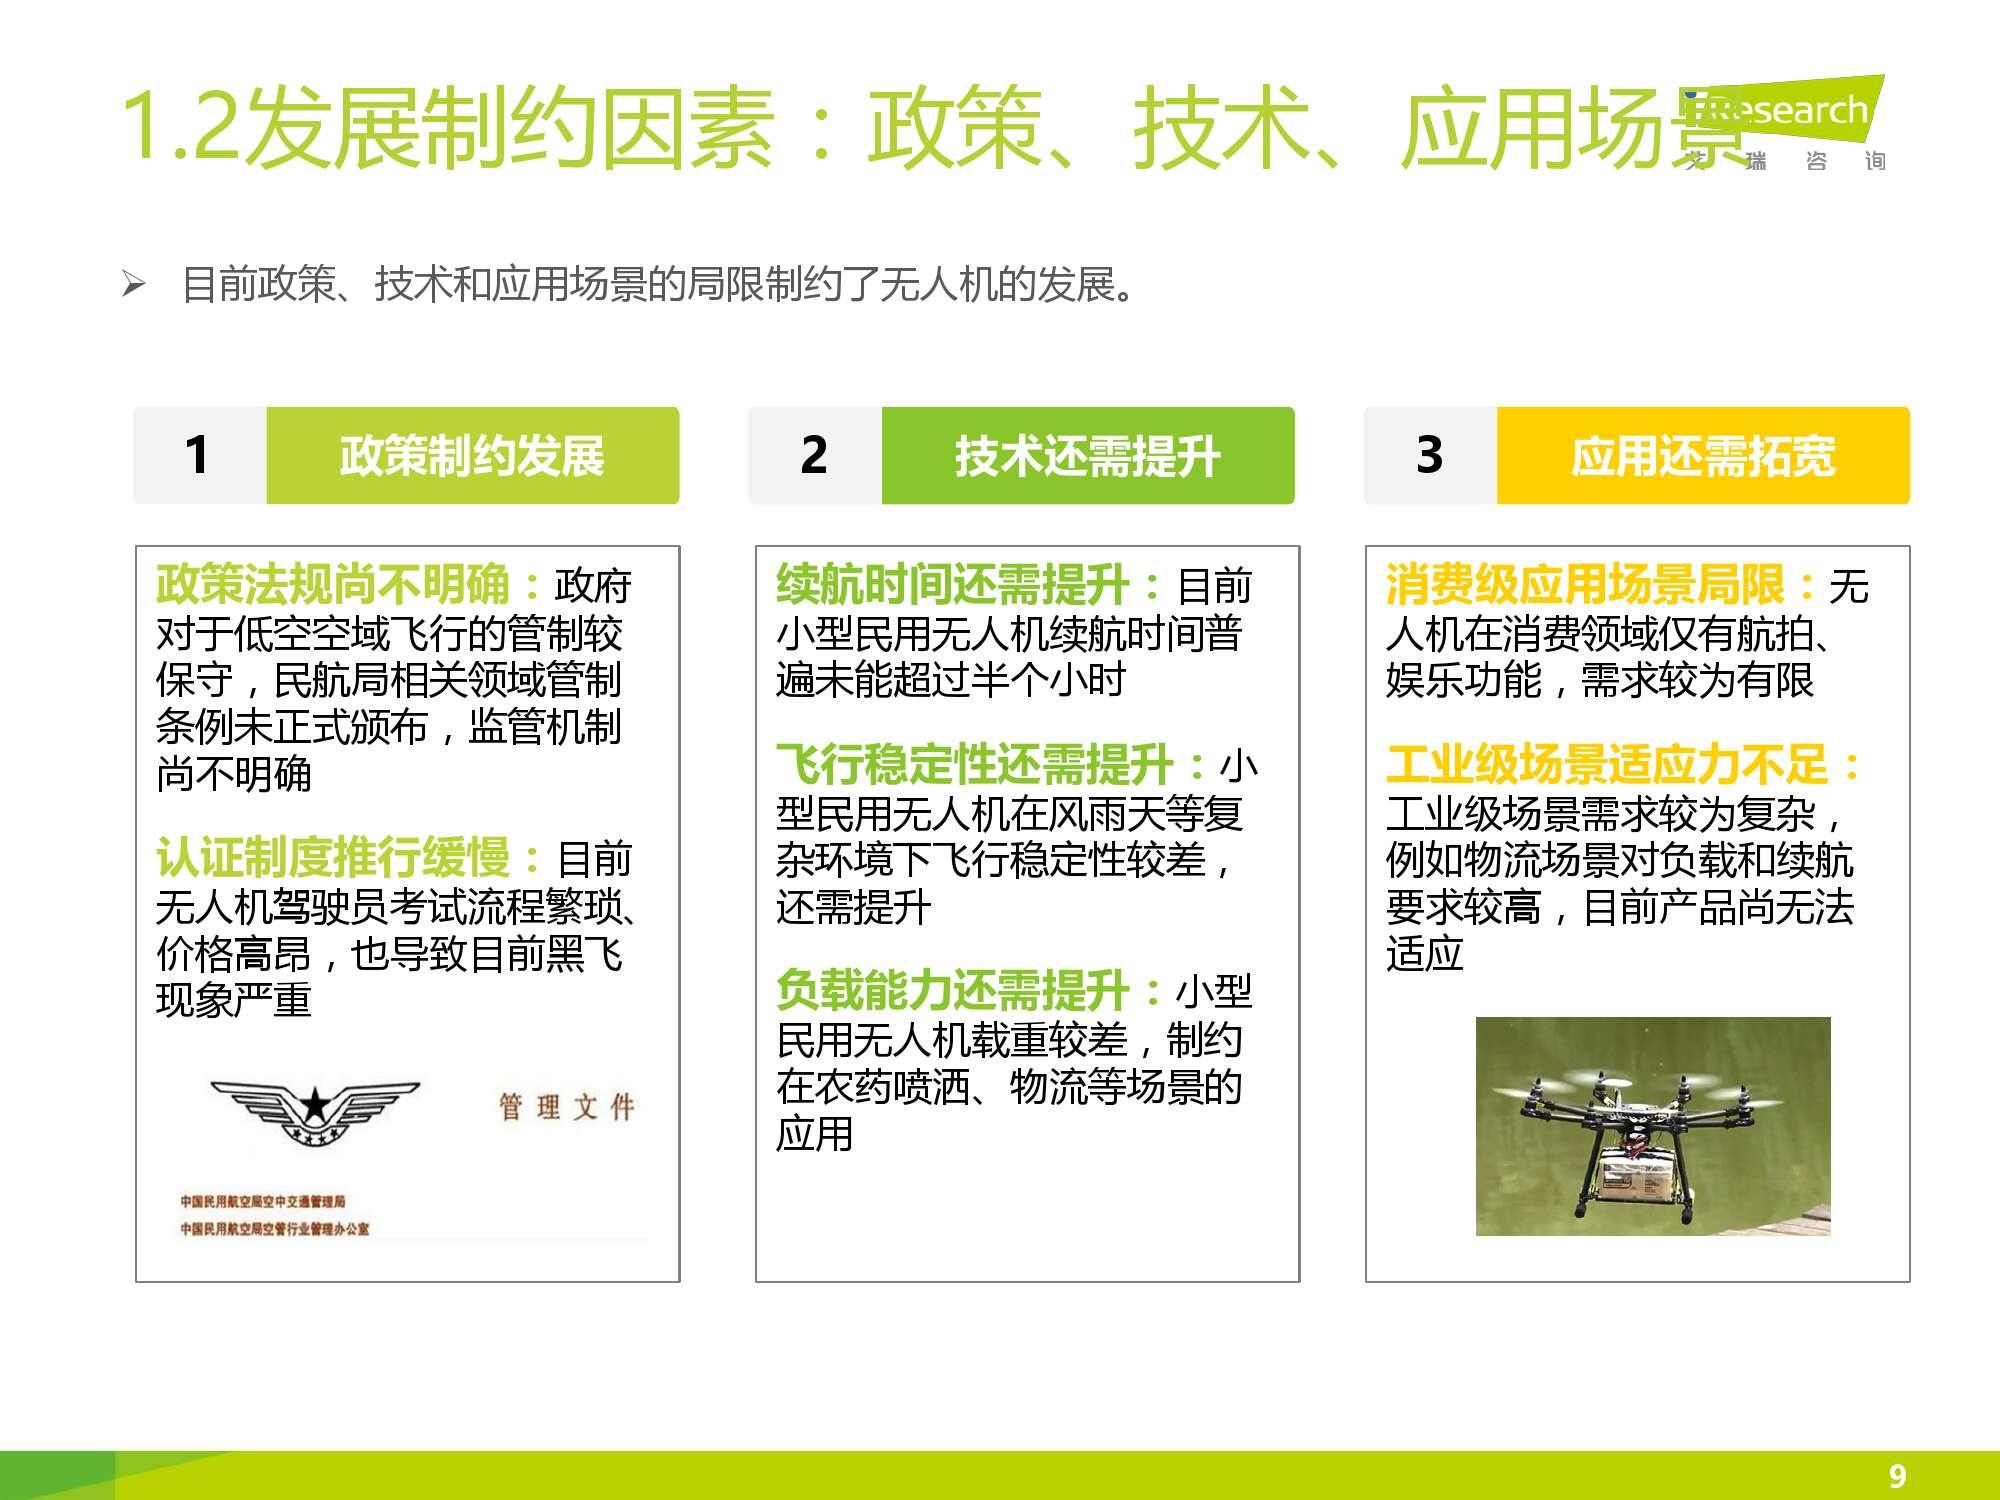 2016年中国无人机行业研究报告简版_000009